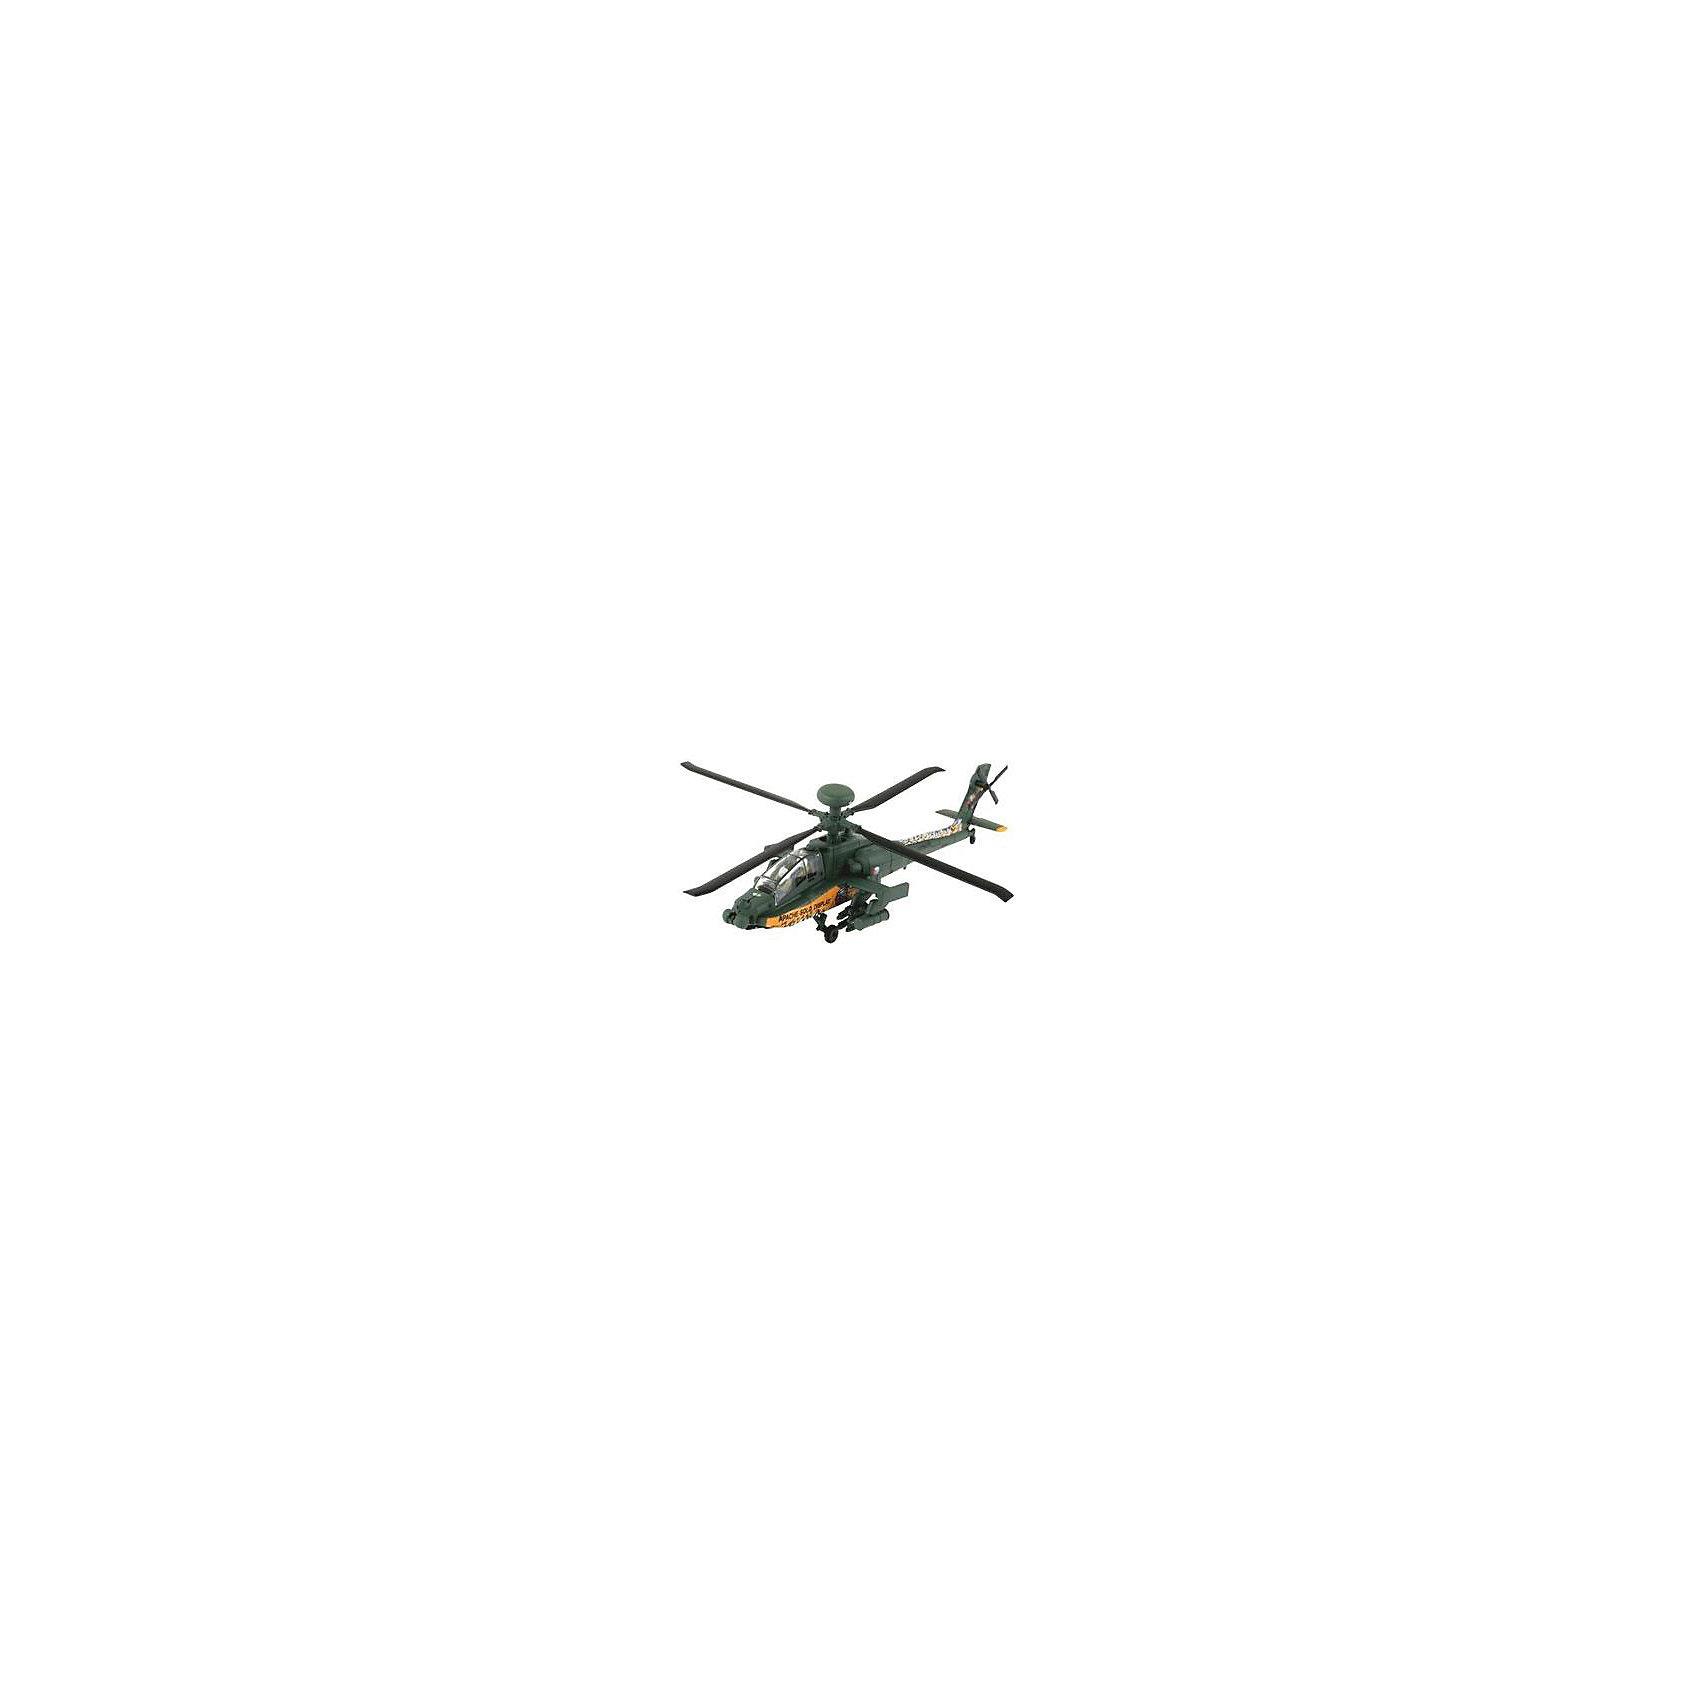 Сборка Боевой Вертолет AH-64 ApacheМодели для склеивания<br>Сборная модель вертолета AH-64 Apache отлично подойдет всем новичкам. Детали модели выполнены из пластика и уже покрашены. Для сборки клей и краски вам не понадобятся. Детали скрепляются при помощи специальных зажимов.  Из инструментов вам понадобятся только кусачки для того чтобы отделить детали от литников. <br>Сейчас AH-64D считается самым современным и мощным вертолетом ВВС США. Машина активно использовалась во время конфликтов последних лет, в которых участвовали вооруженные силы НАТО.  <br>Масштаб: 1:100 <br> Количество деталей: 27 <br>Длина: 150 мм <br> Диаметр винта: 146 мм <br>Рекомендуется для детей от 6 лет.<br><br>Ширина мм: 9999<br>Глубина мм: 9999<br>Высота мм: 9999<br>Вес г: 9999<br>Возраст от месяцев: 72<br>Возраст до месяцев: 2147483647<br>Пол: Мужской<br>Возраст: Детский<br>SKU: 7122380